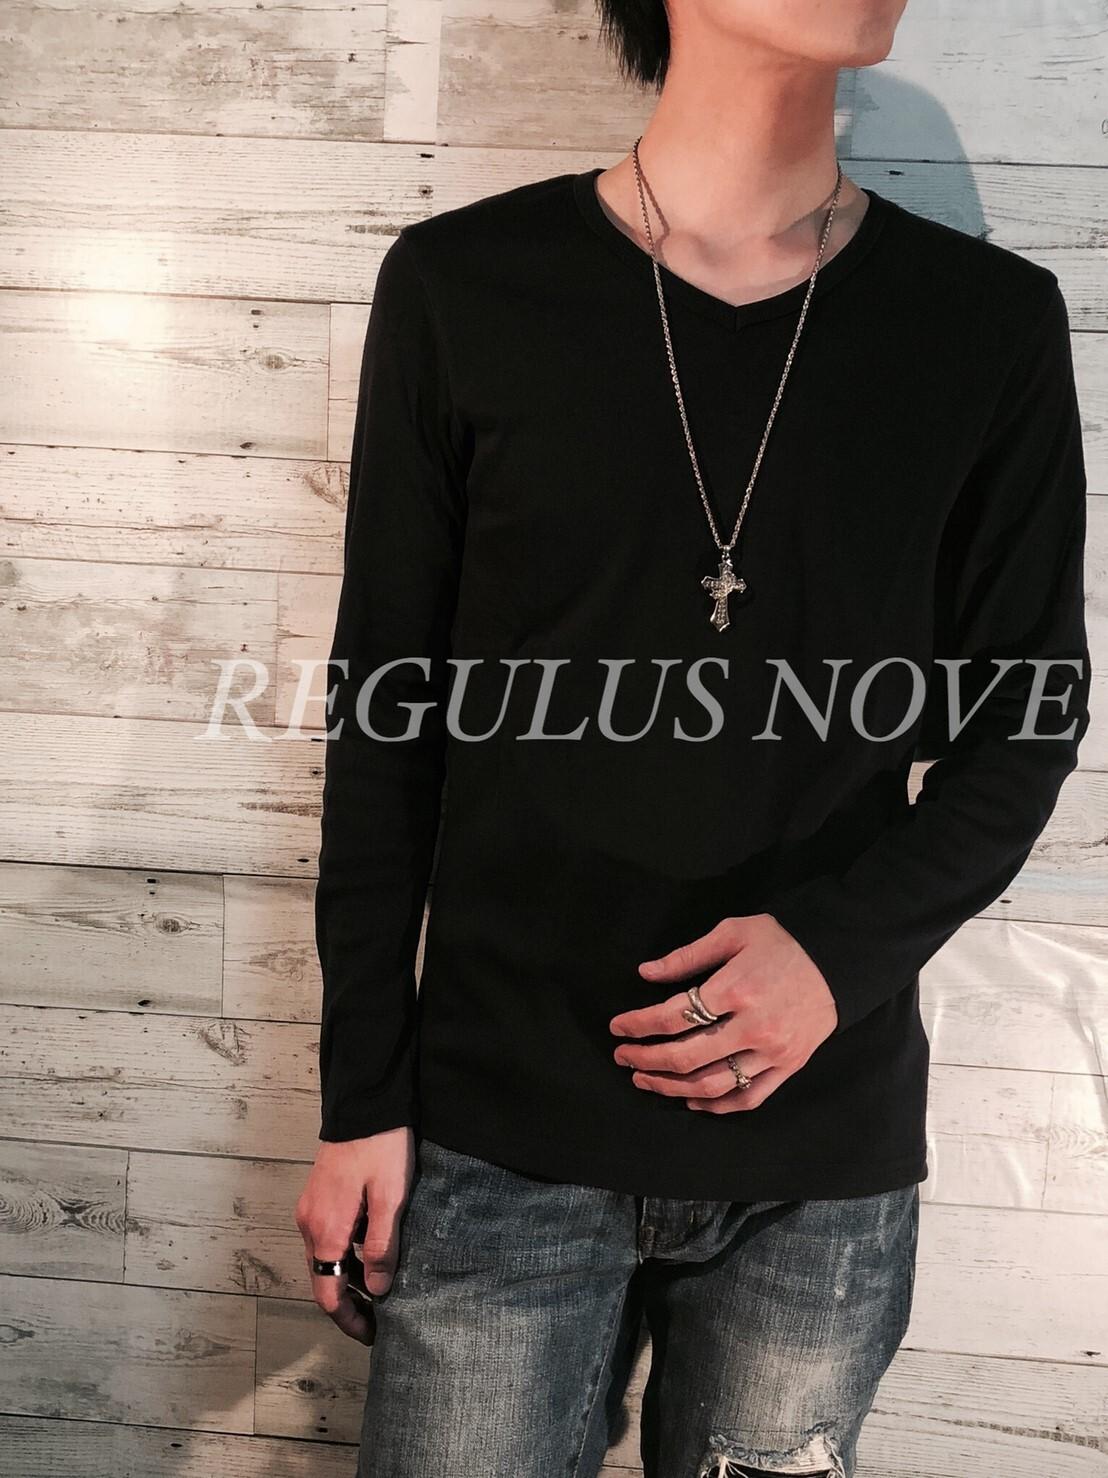 REGULUS NOVE  フライスカットVネックロンT NAVY メンズ 男物 ロンT トップス 紳士服 長袖 シンプル レイヤード 重ね着 カットソー Tシャツ